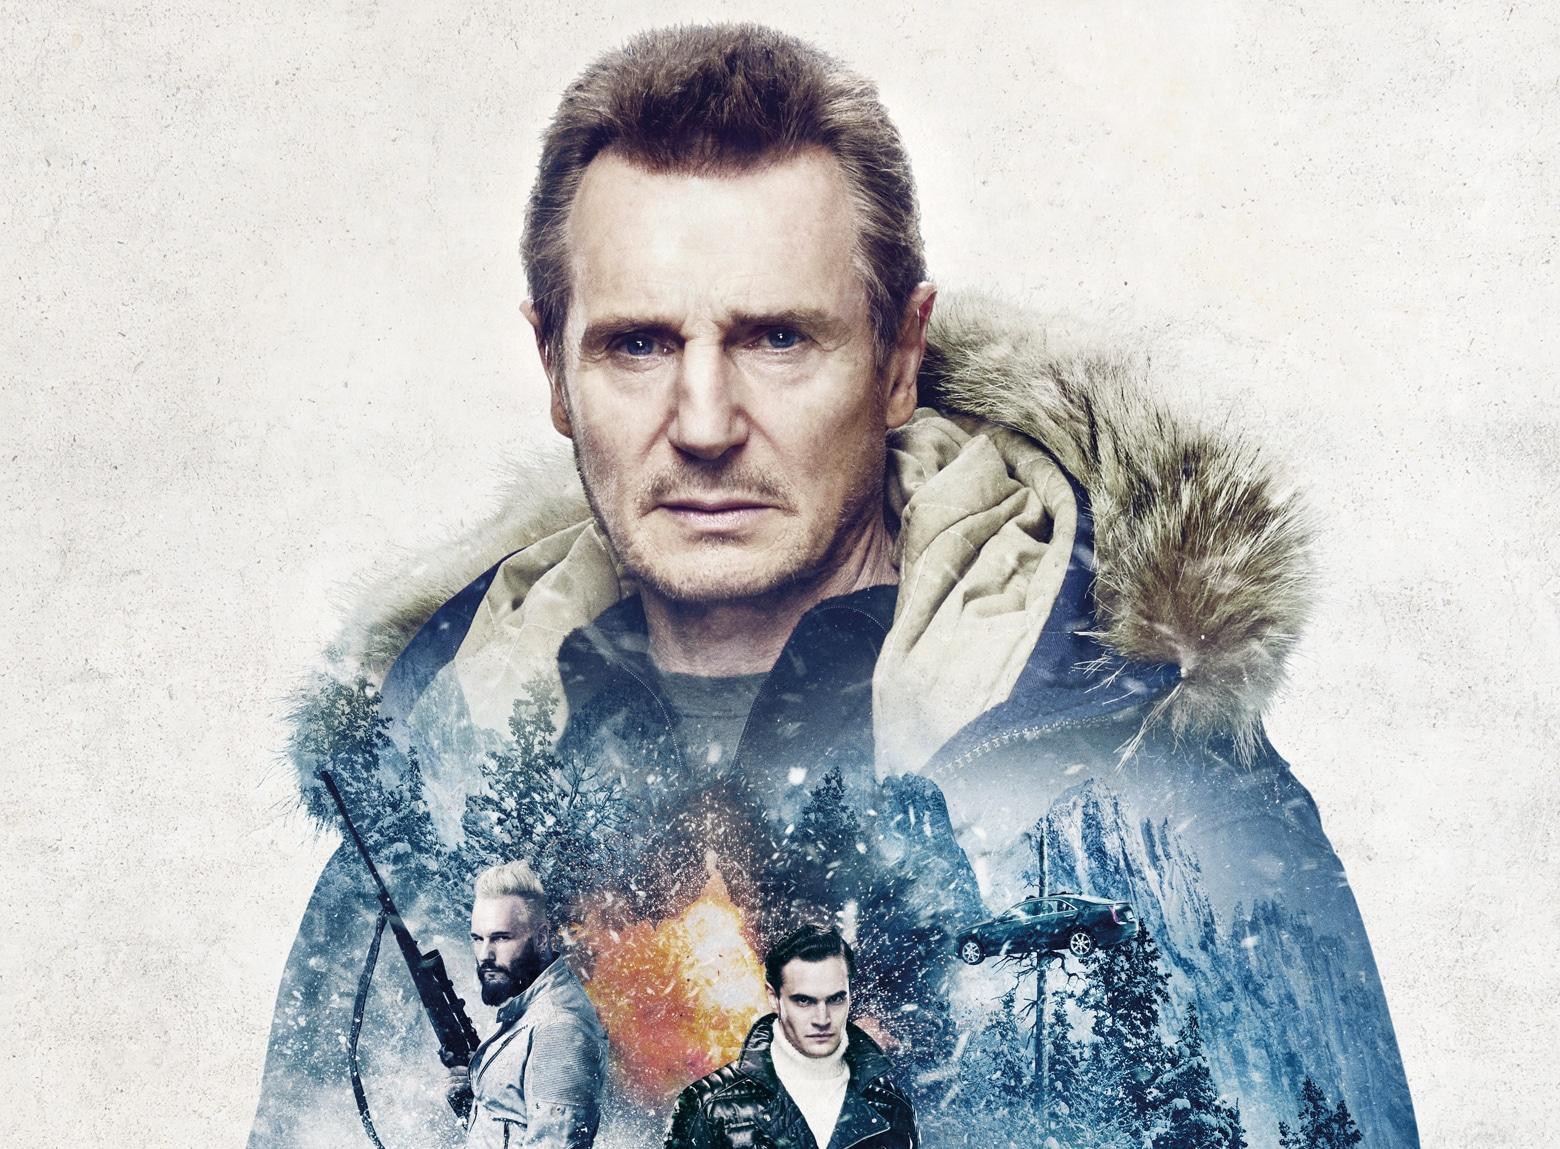 Novo thriller estrelado por Liam Neeson, Vingança a Sangue-Frio, ganha primeiro trailer